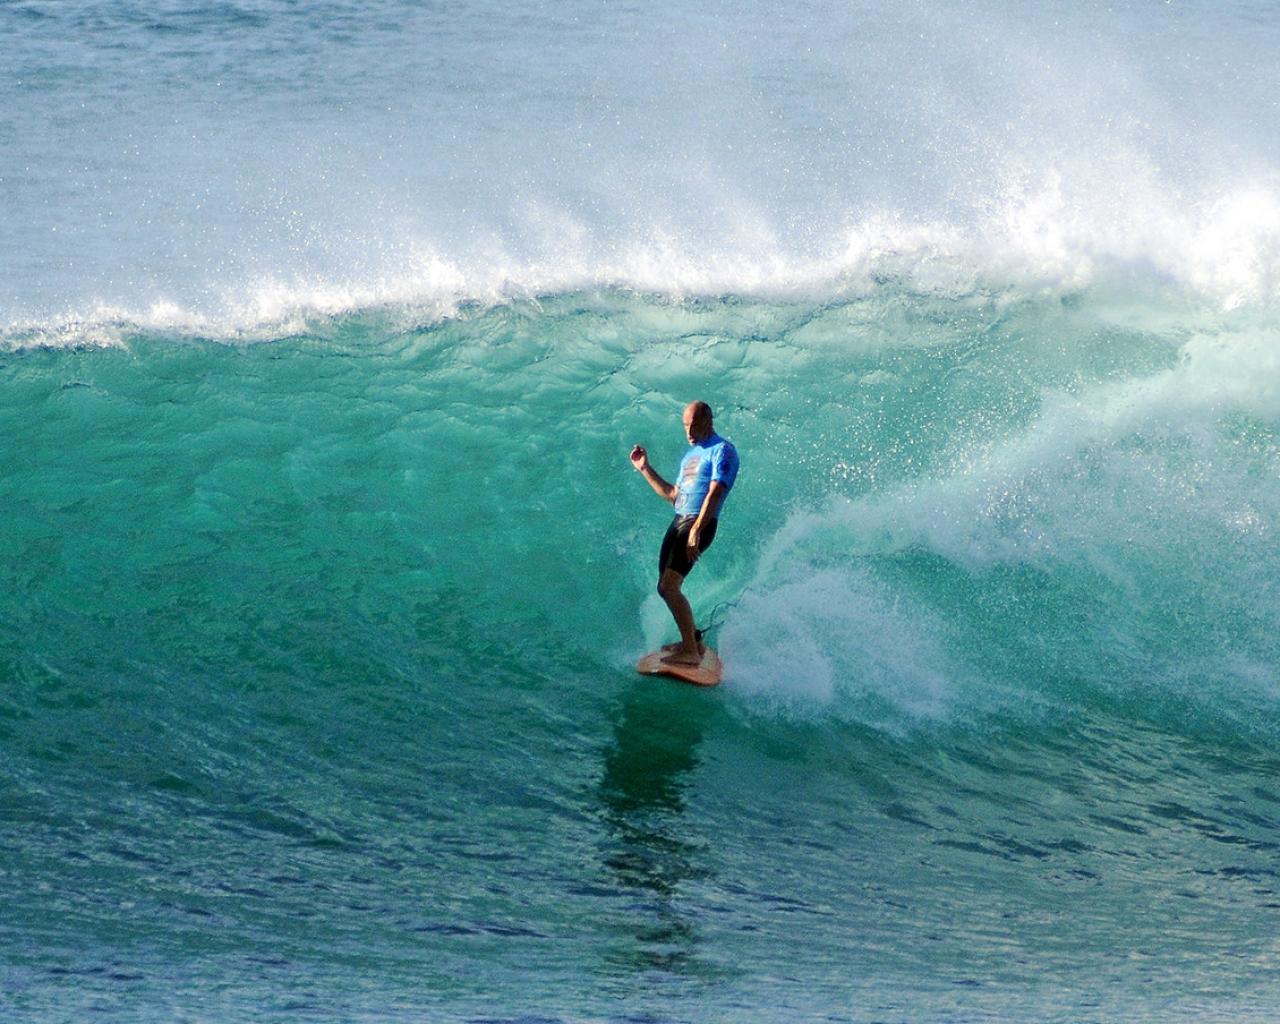 Practicar Surf - 1280x1024